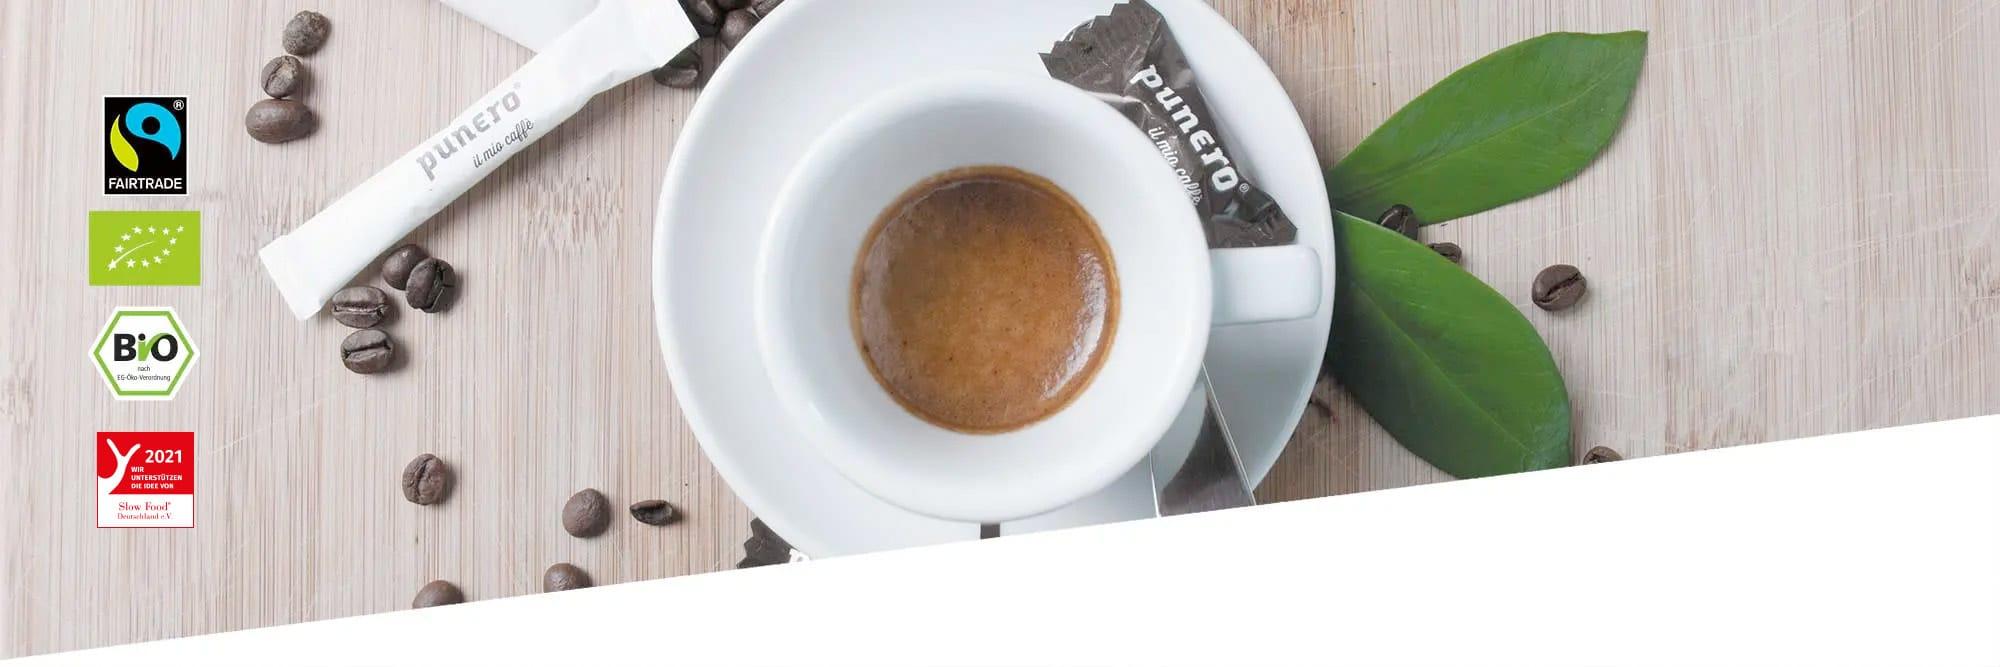 Premo bietet nachhaltig produzierten Kaffee